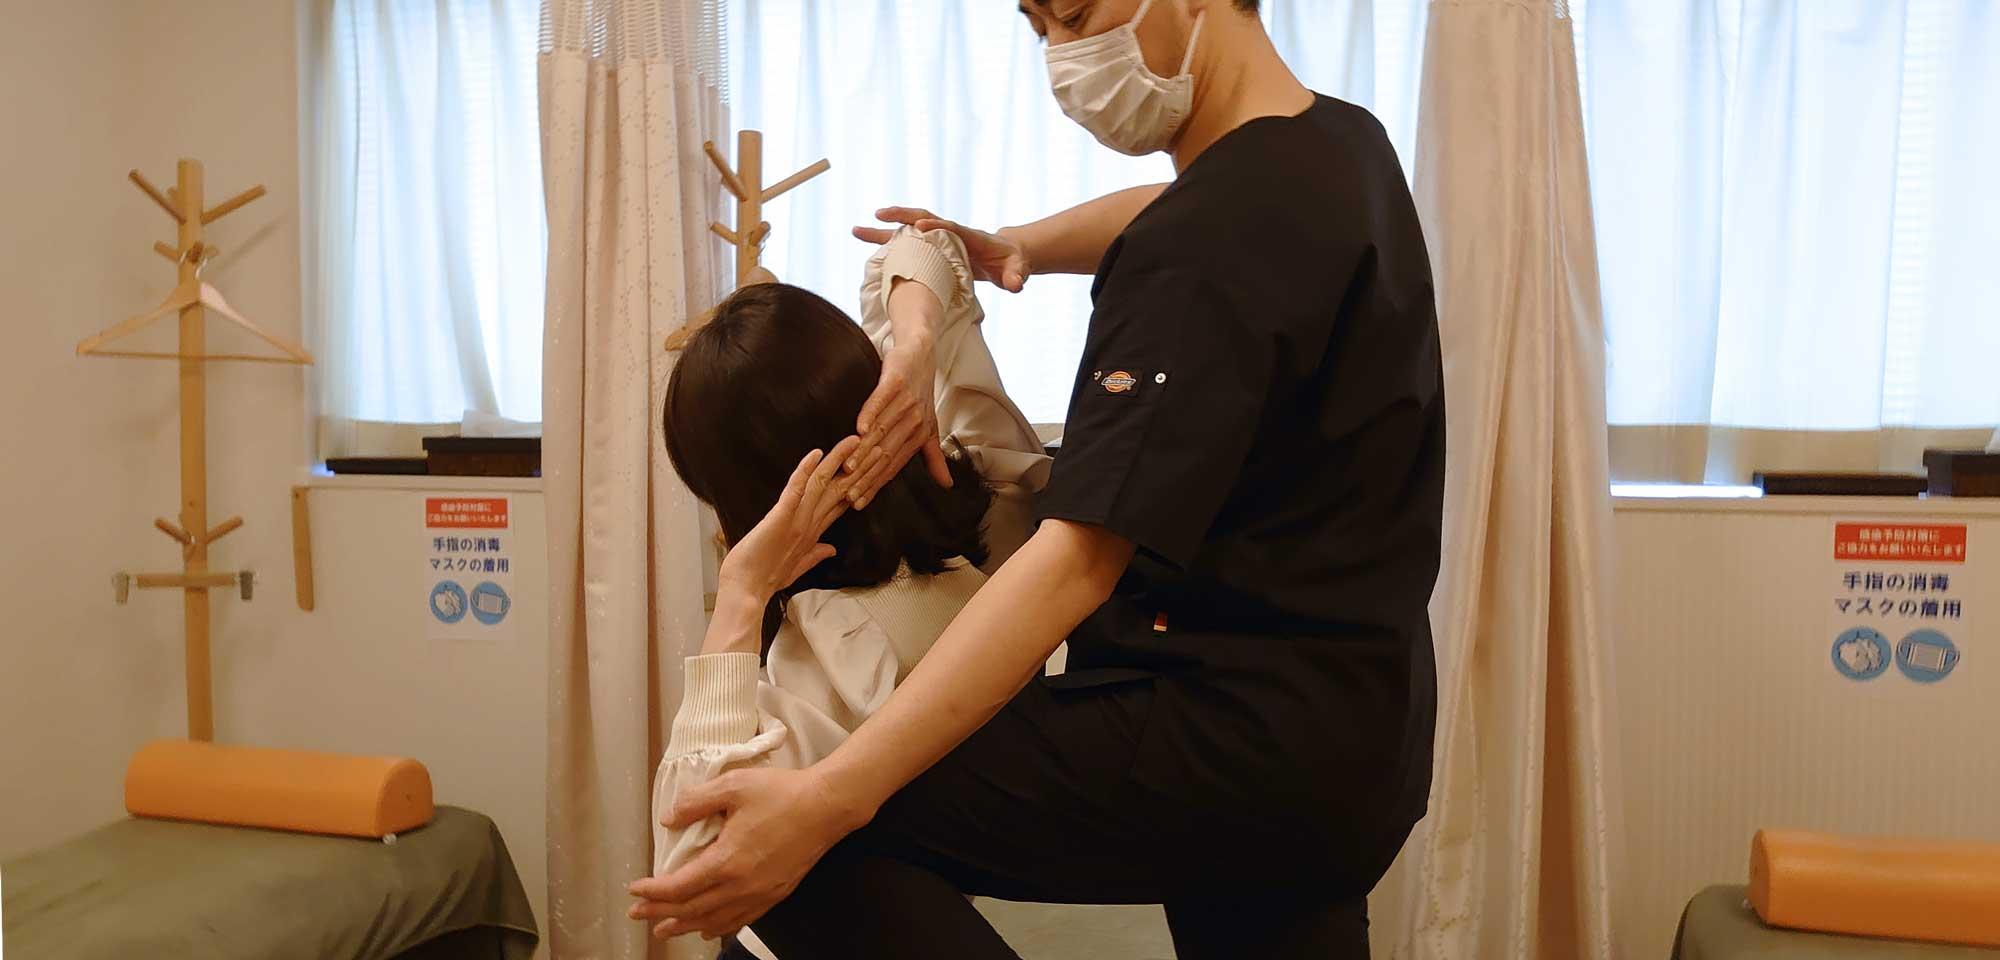 ボディセラピー浜松町整骨院 - 健やかな体と心をコーディネート。各種保険取扱の整⾻院治療